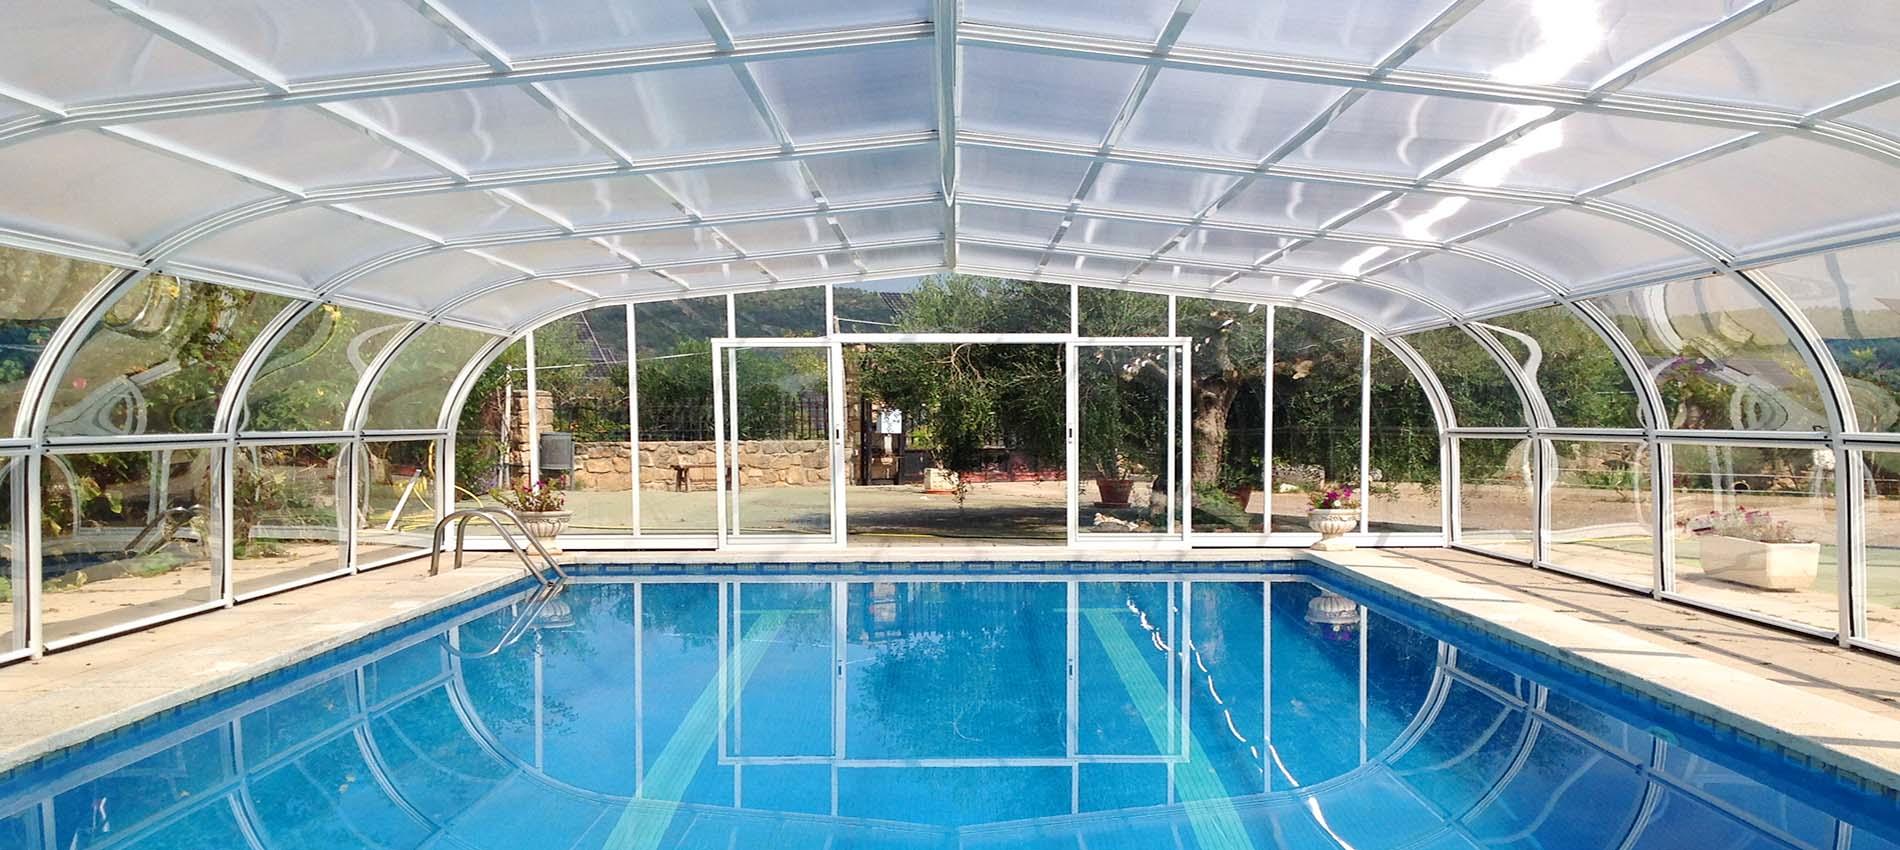 piscinas cubiertas malaga elegant piscinas cubiertas en